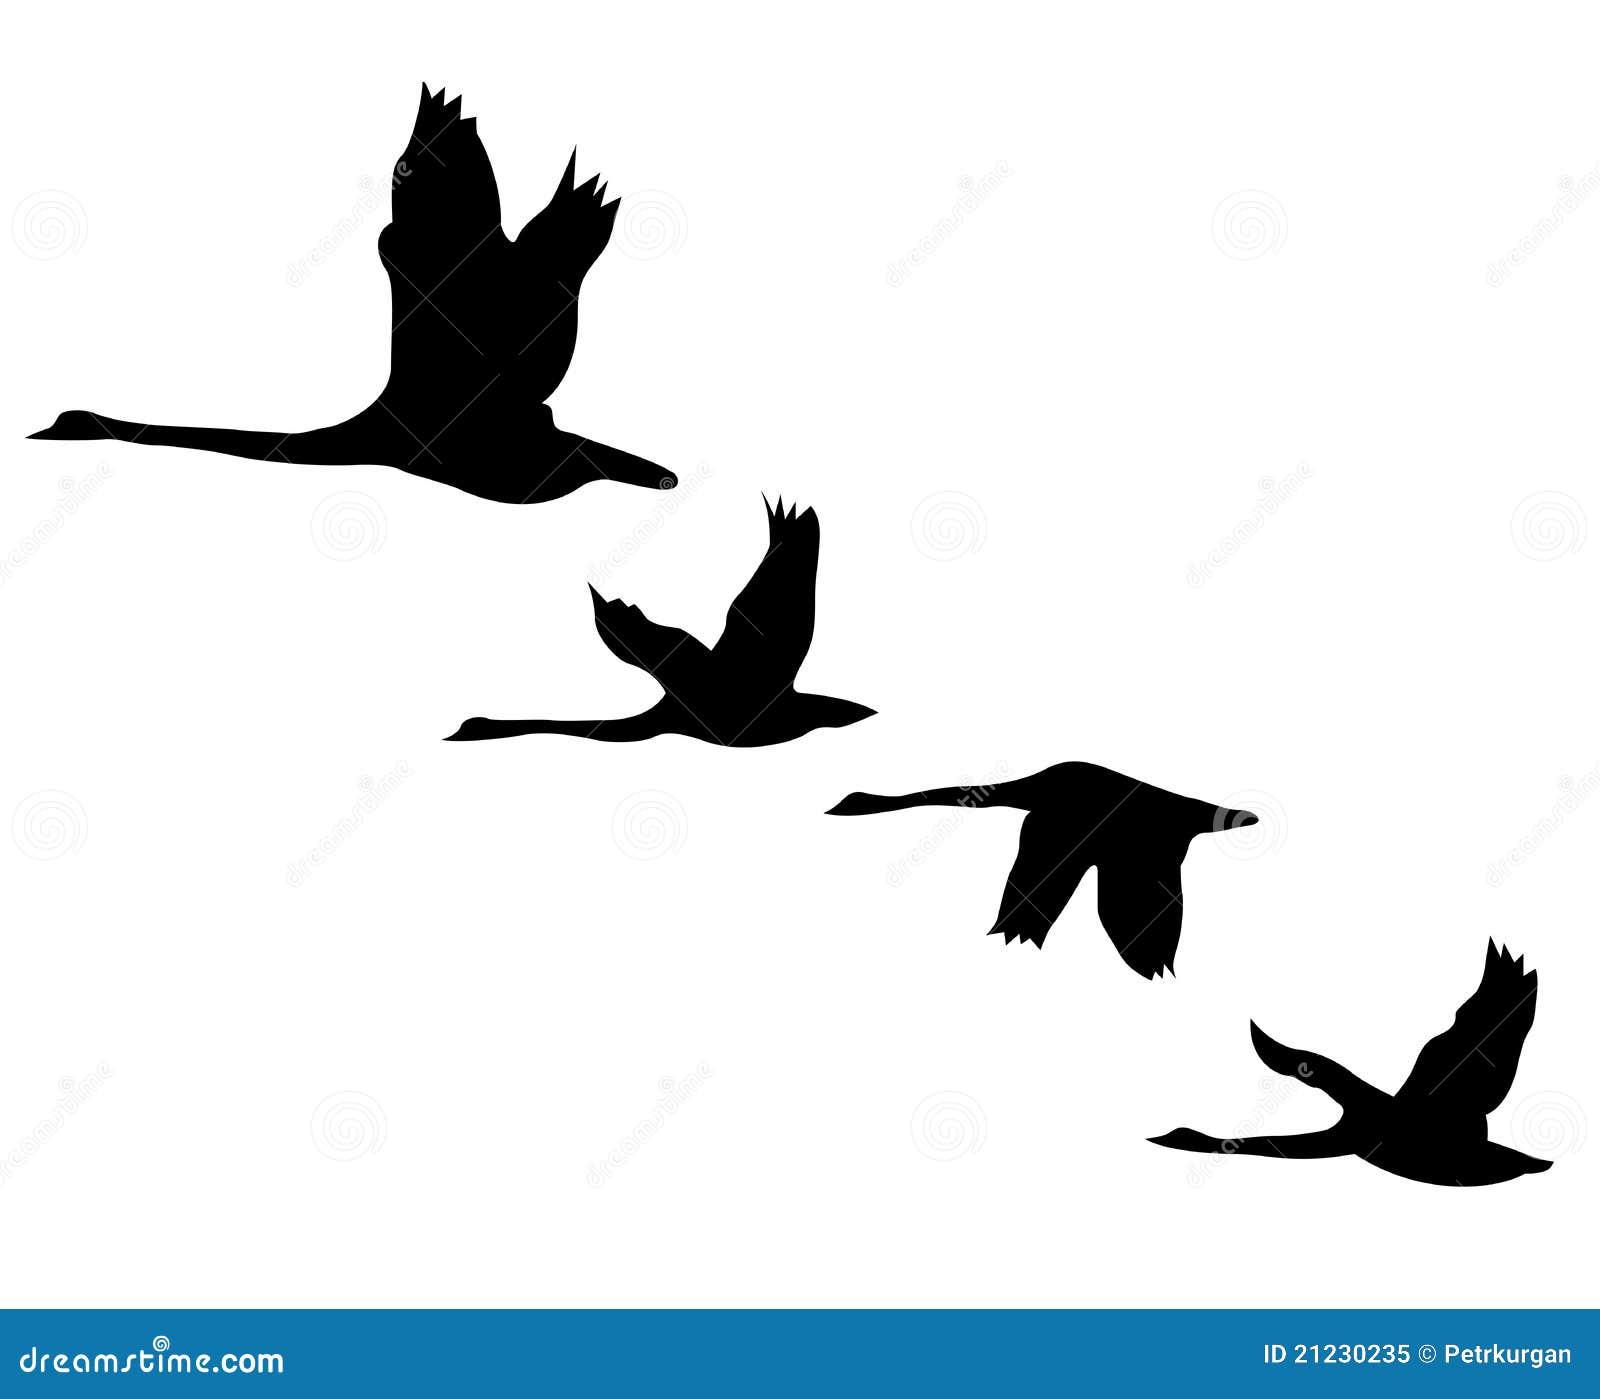 空白背景鸟黑色的剪影.